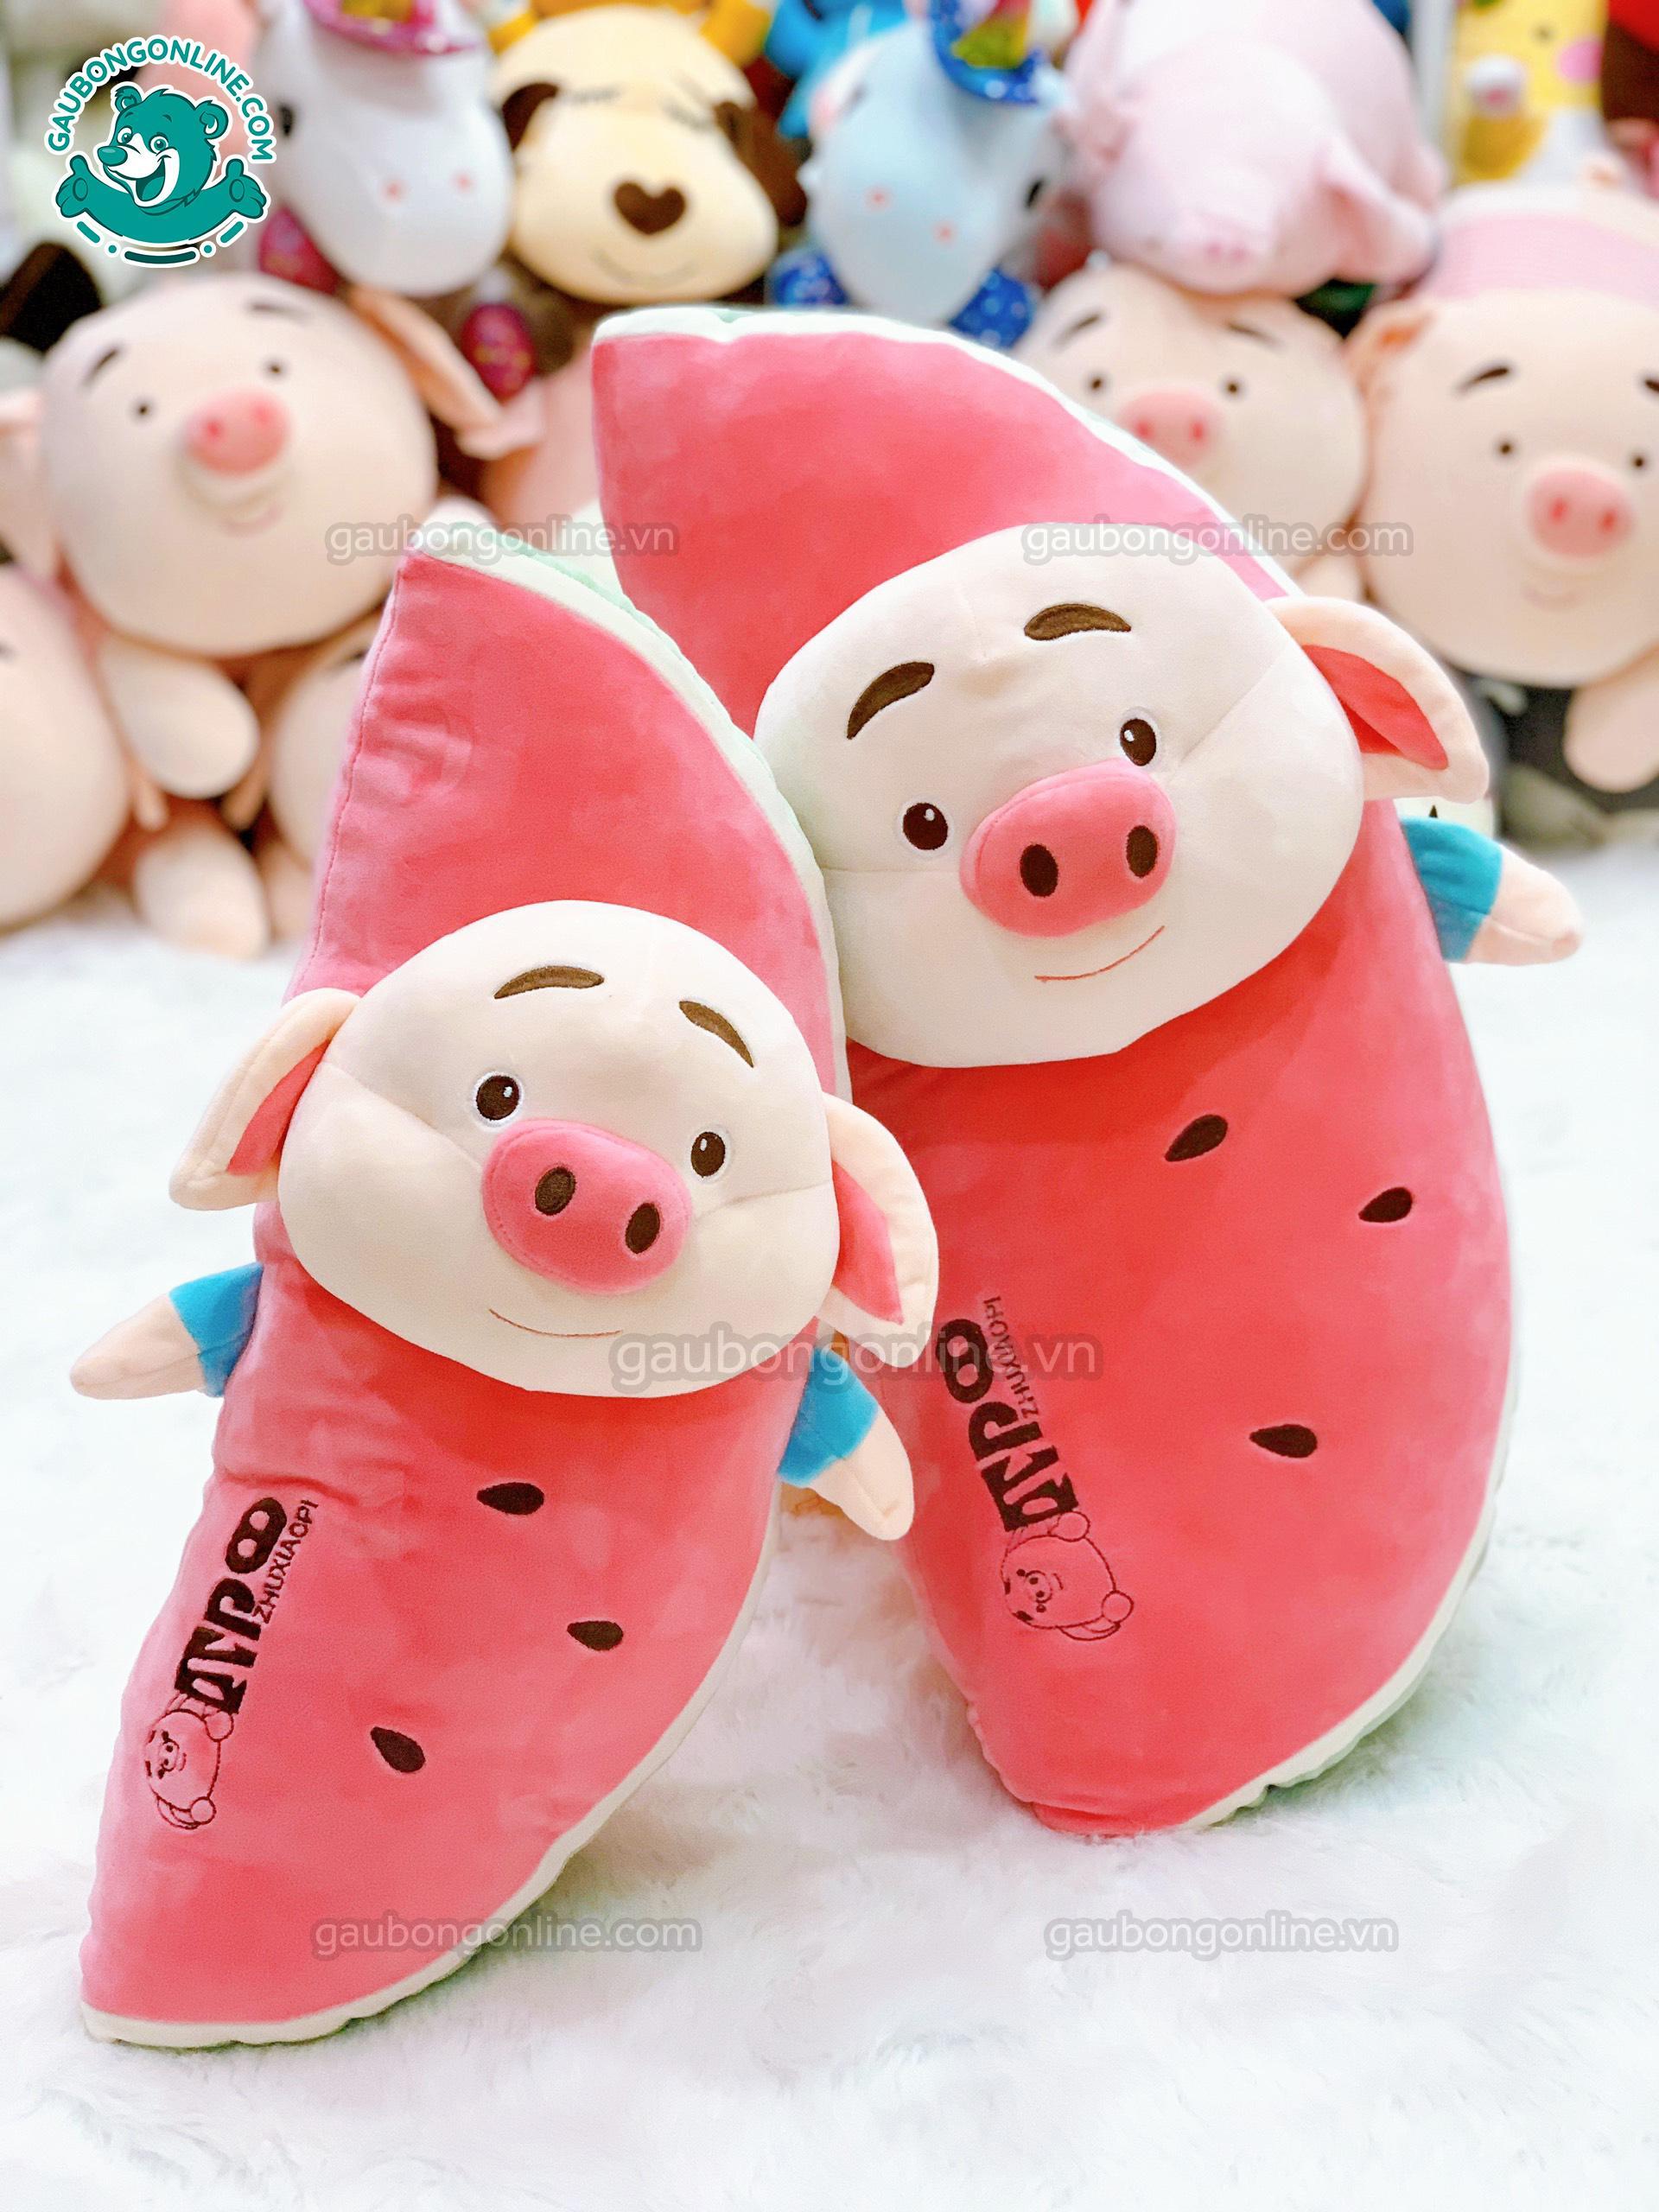 Lợn Tiktok Dưa Hấu